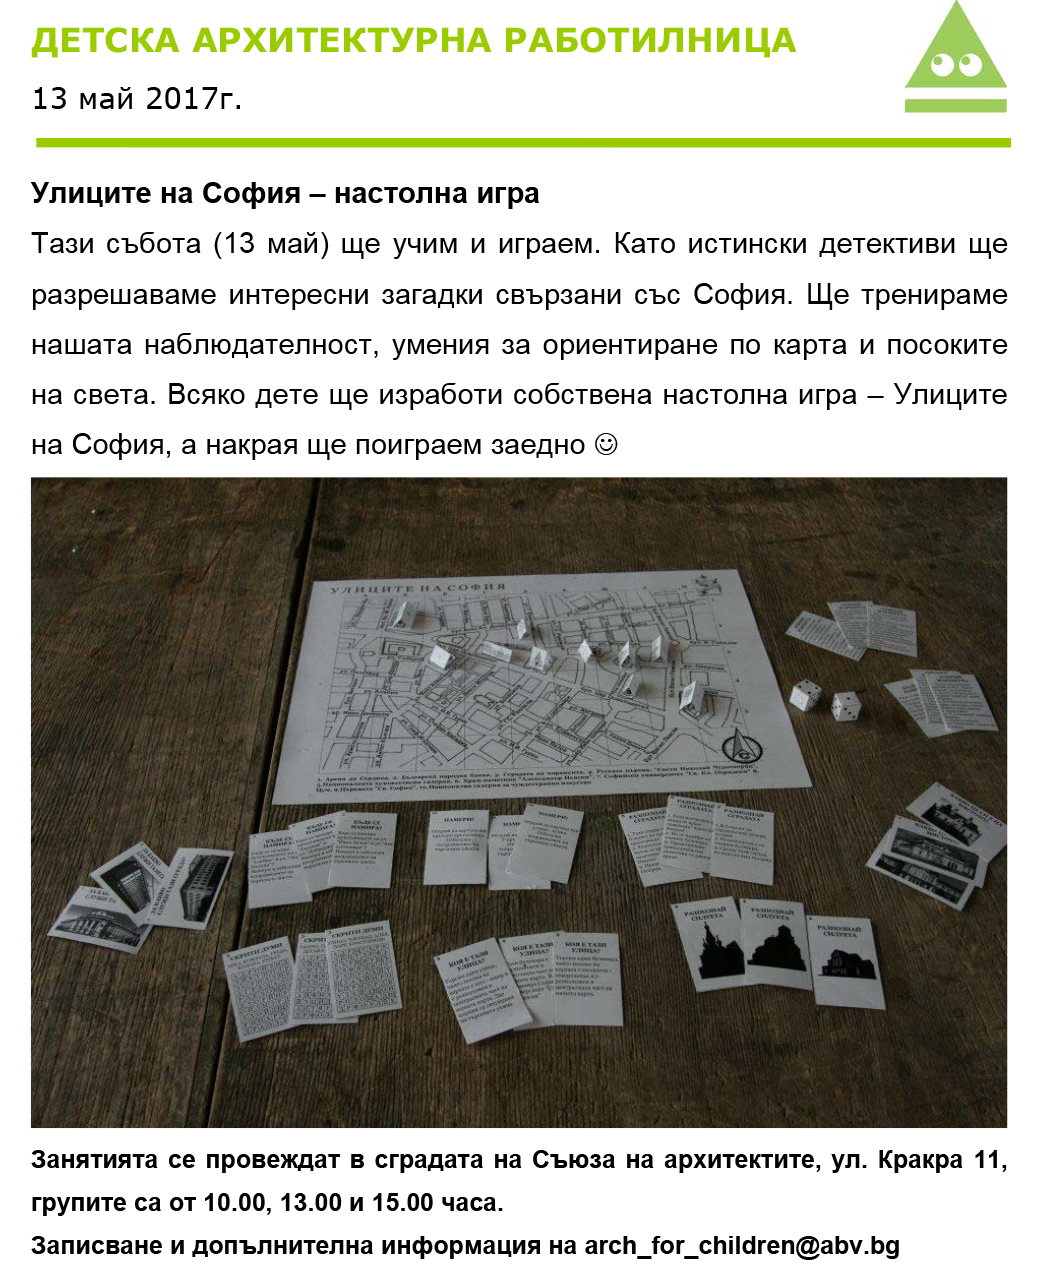 13 май 2017г - Улиците на София - настолна игра